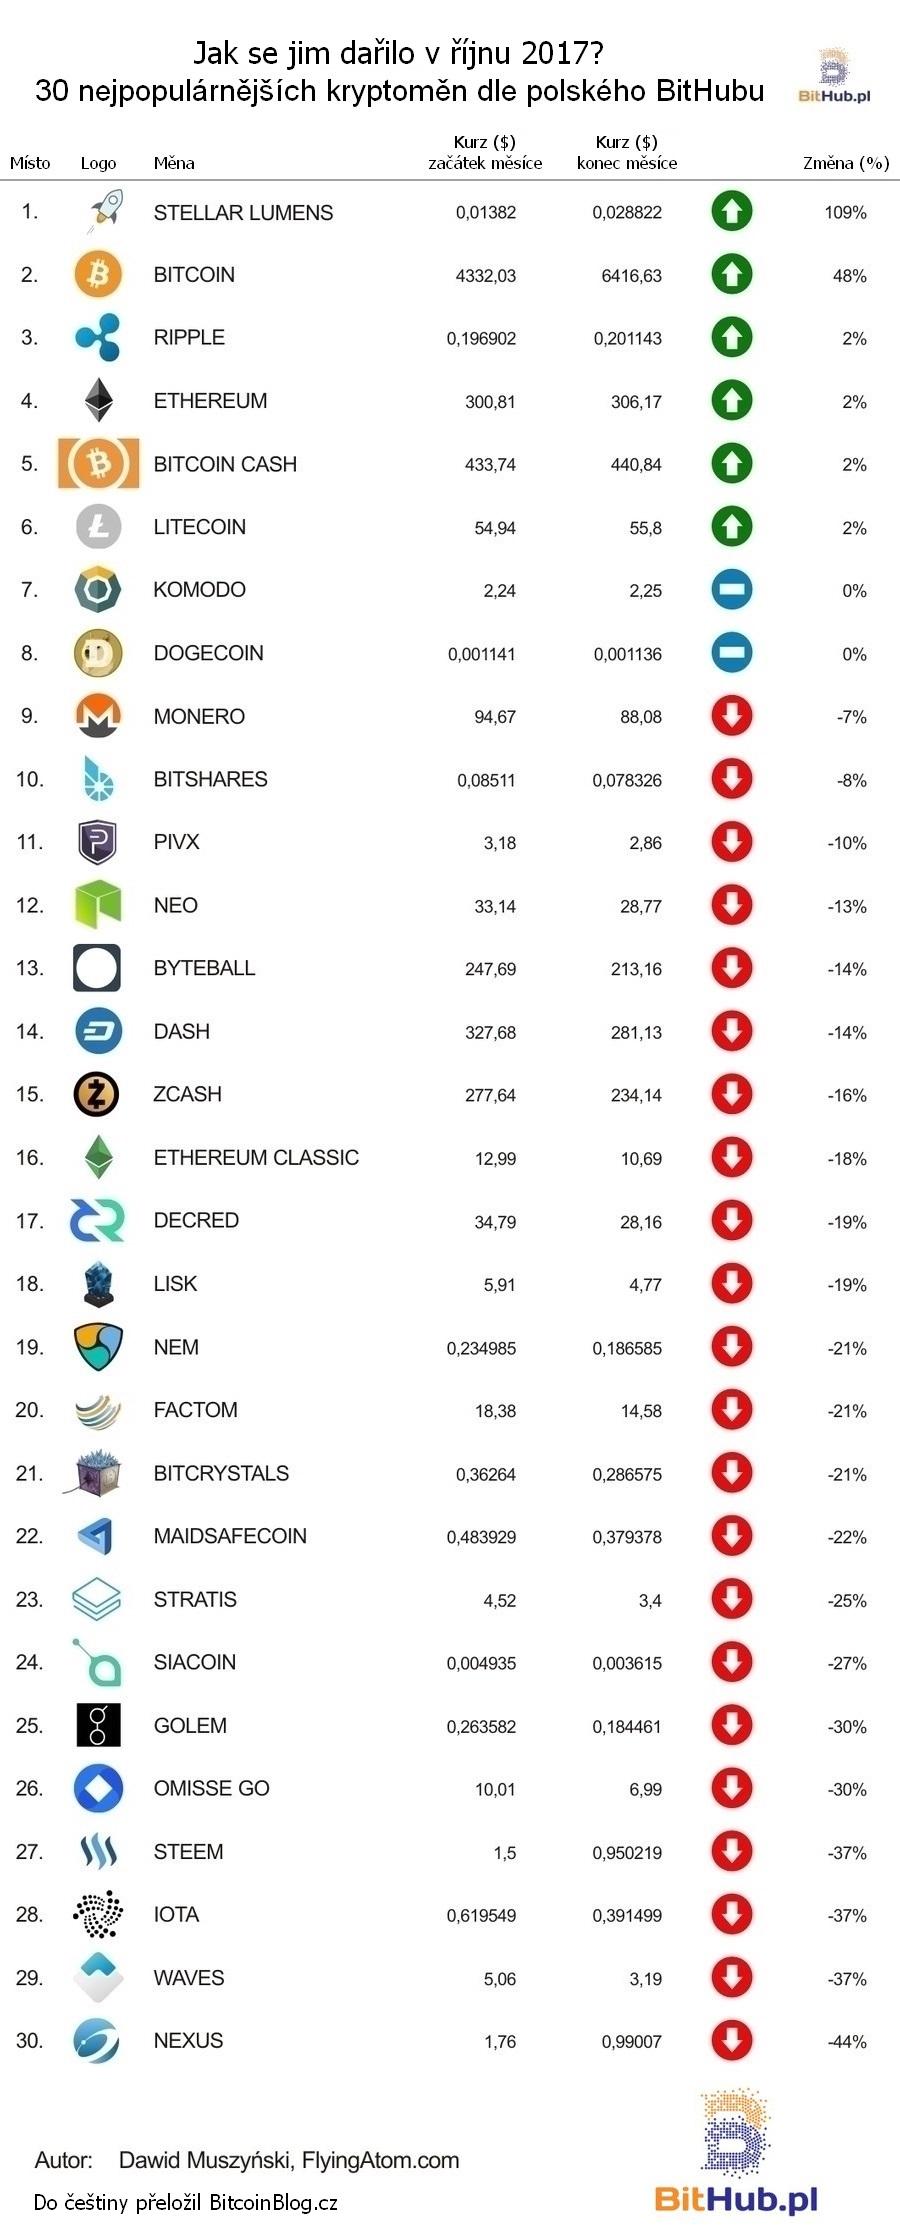 Tabulka: Jak se jim dařilo v říjnu 2017? 30 nejpopulárnějších kryptoměn dle polského BitHubu